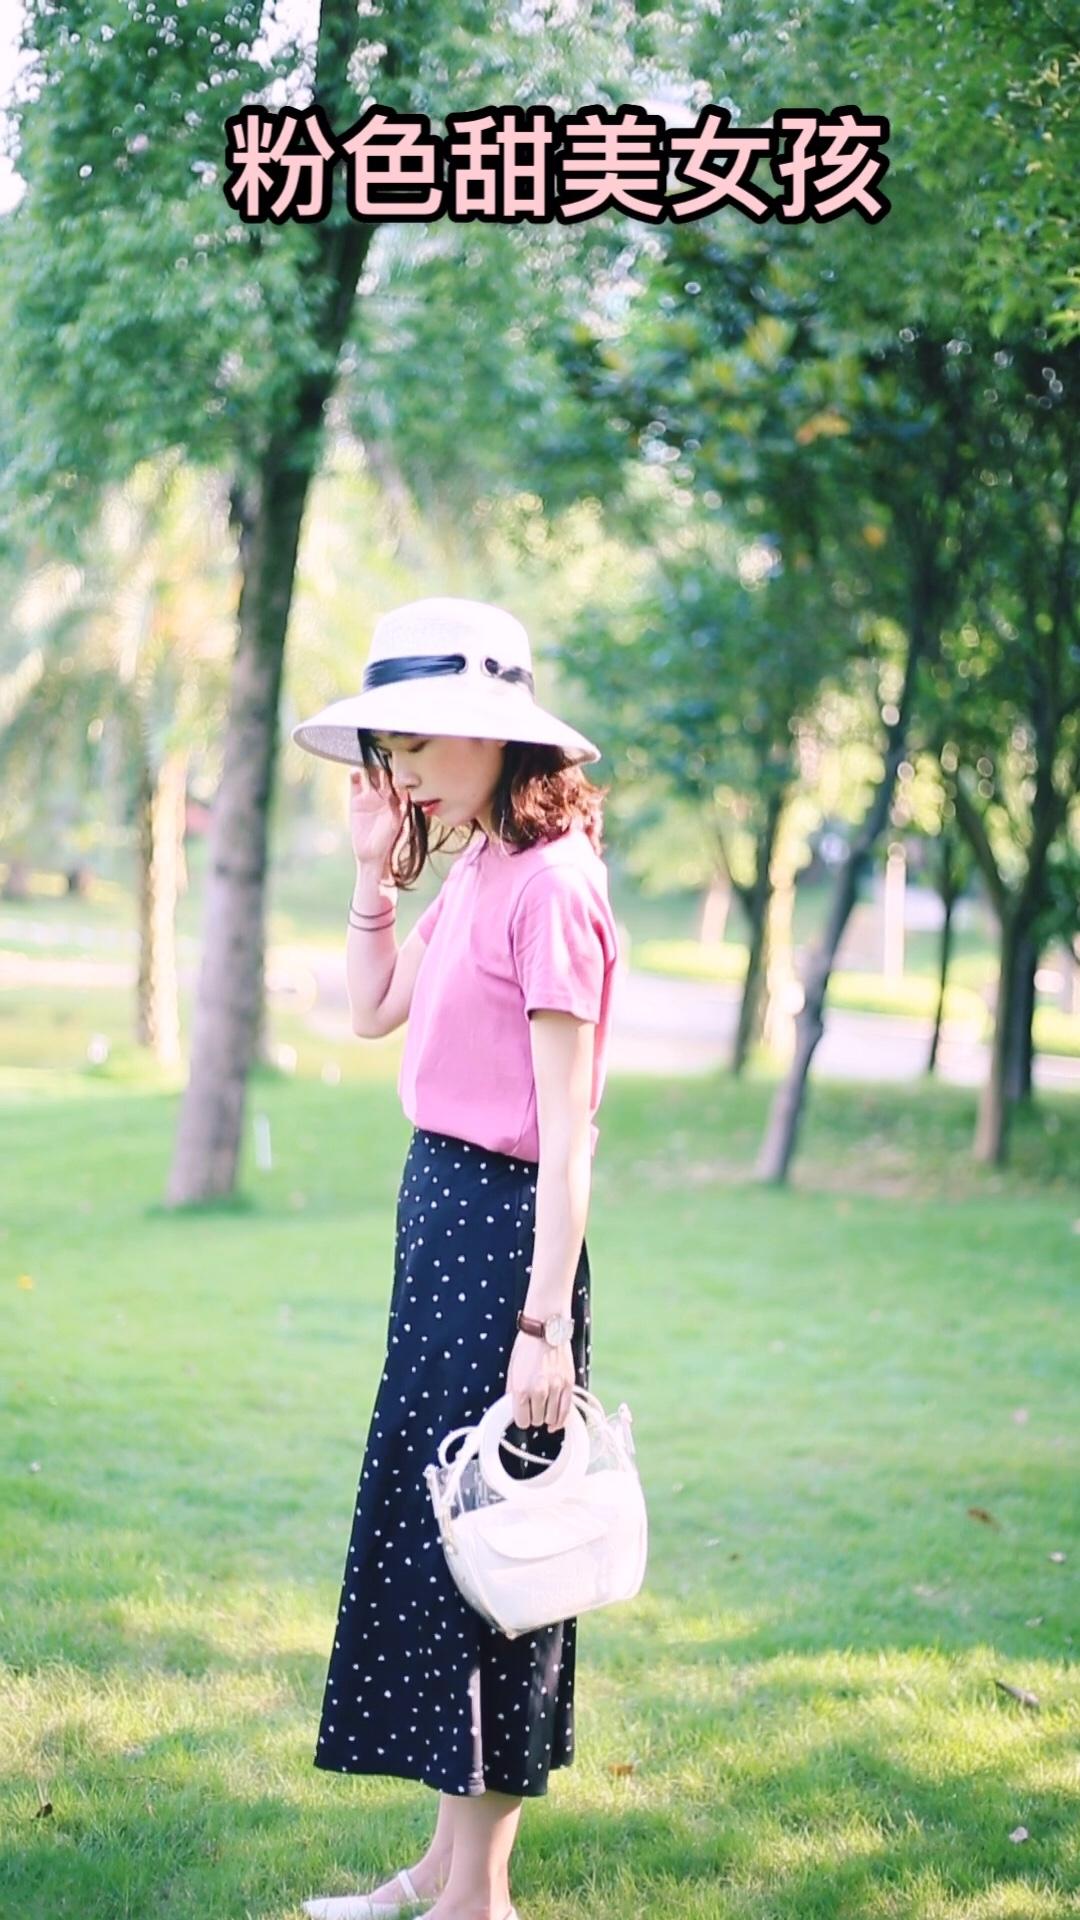 #今年的T恤怎么这么好看?!# 今年很喜欢的树莓色t 介于粉色与玫红色之间更加特别 也很显白 裙子是小爱心的图案比波点裙更加可爱啦 搭配奶奶鞋复古又可爱 白色透明包包很百搭 多种用途也很实用